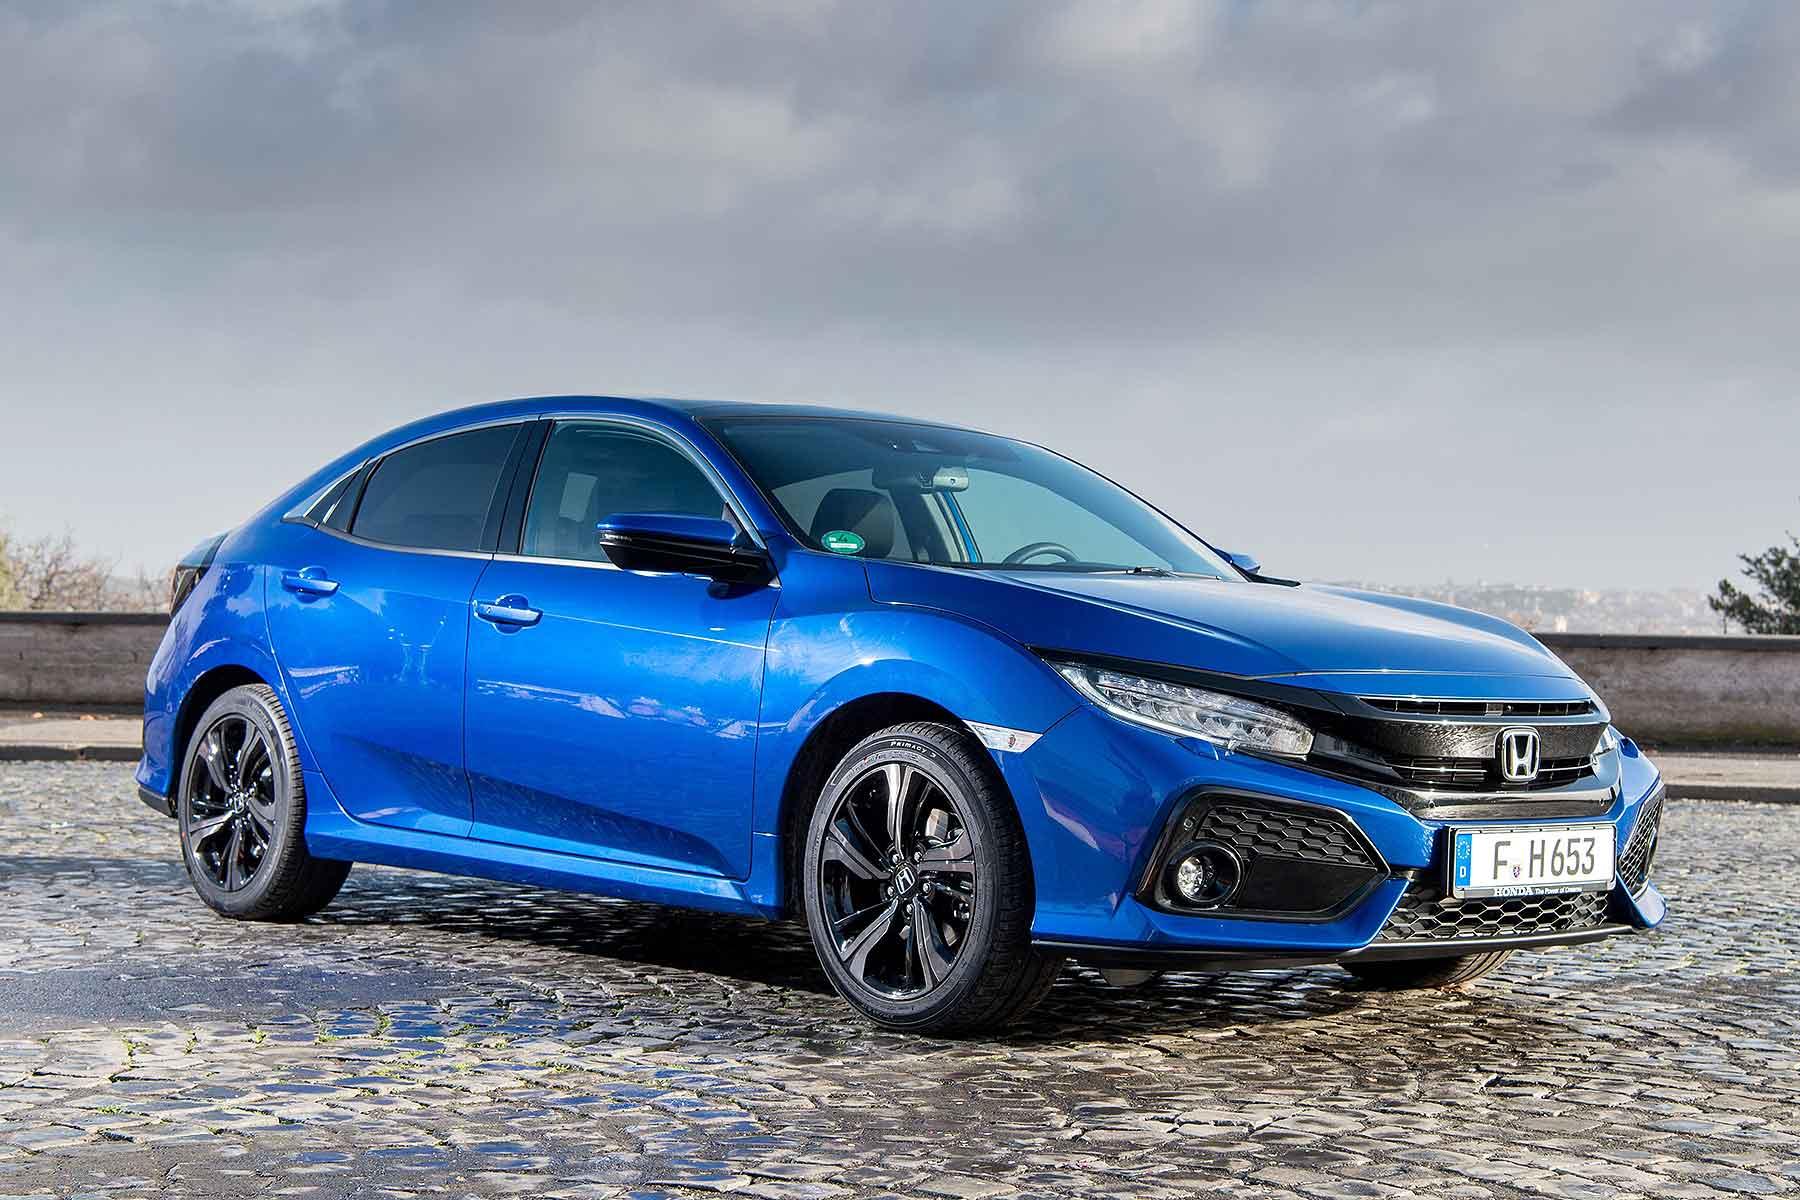 15 Concept of Best Honda Kombi 2019 First Drive Pictures by Best Honda Kombi 2019 First Drive